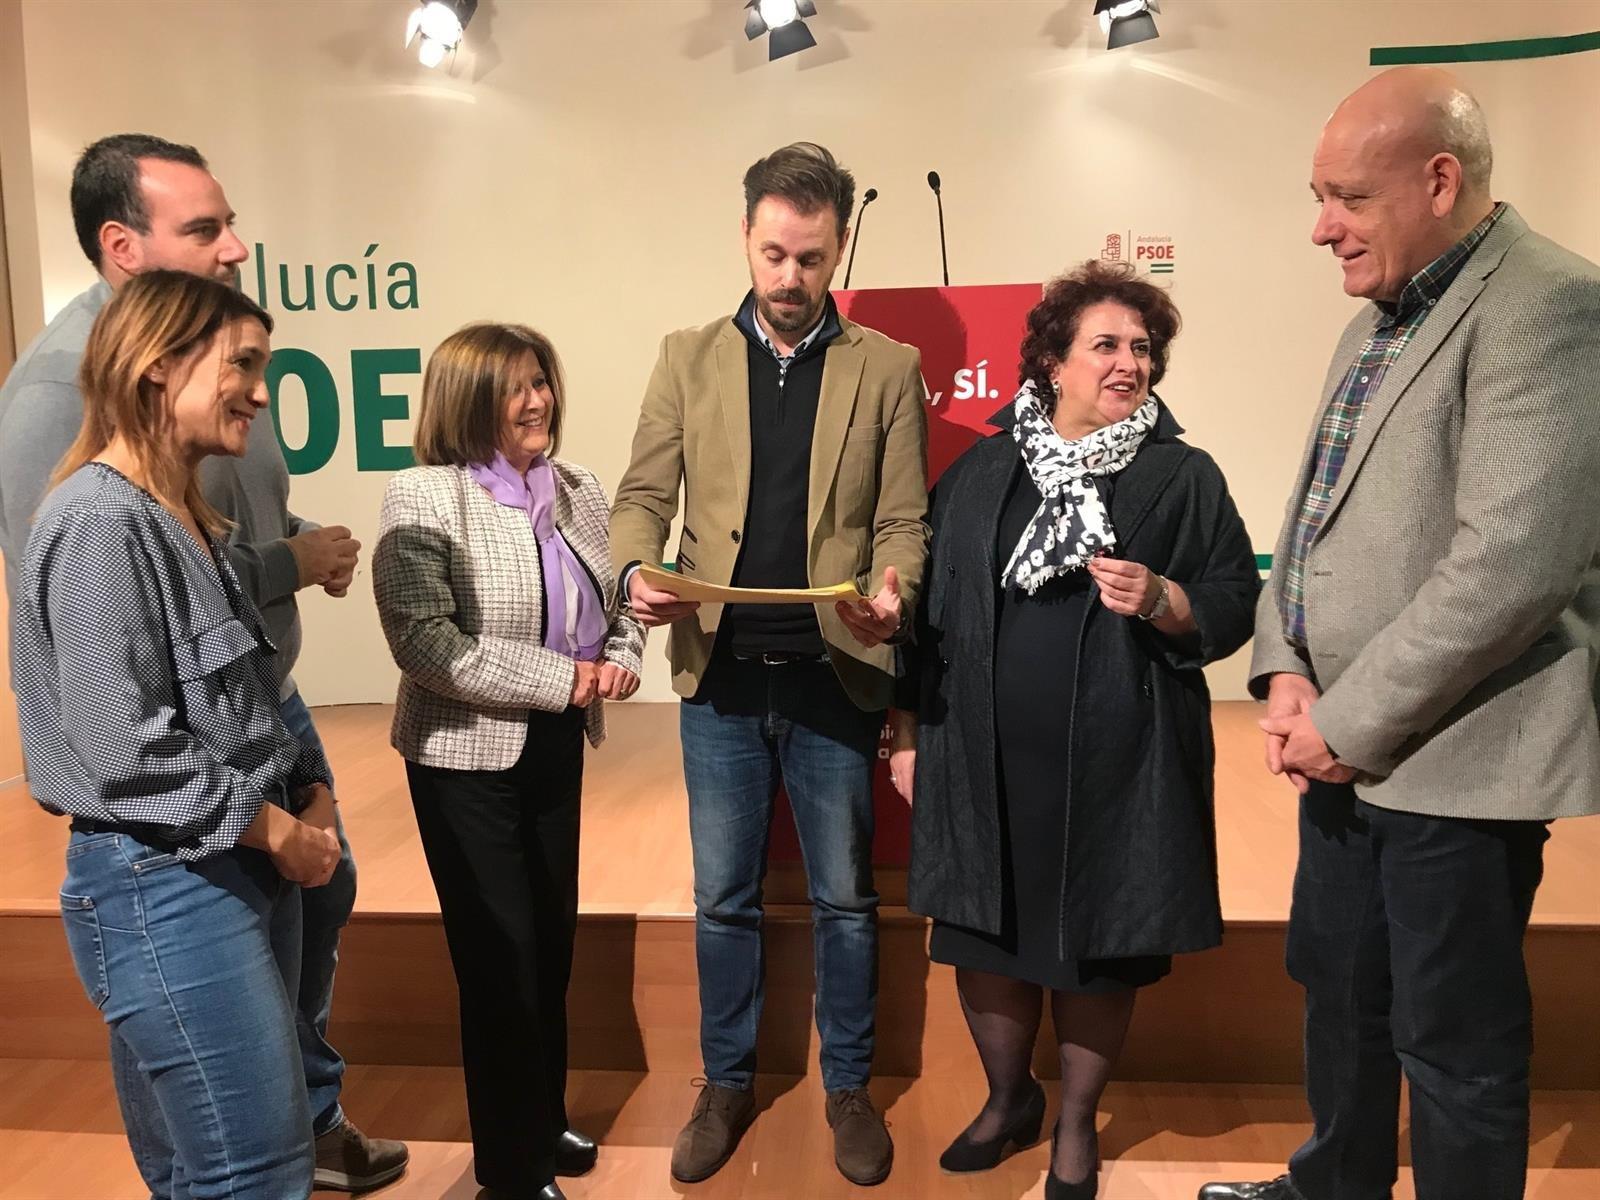 El PSOE presenta enmiendas a los presupuestos andaluces de 2020 por valor de 100 millones de euros